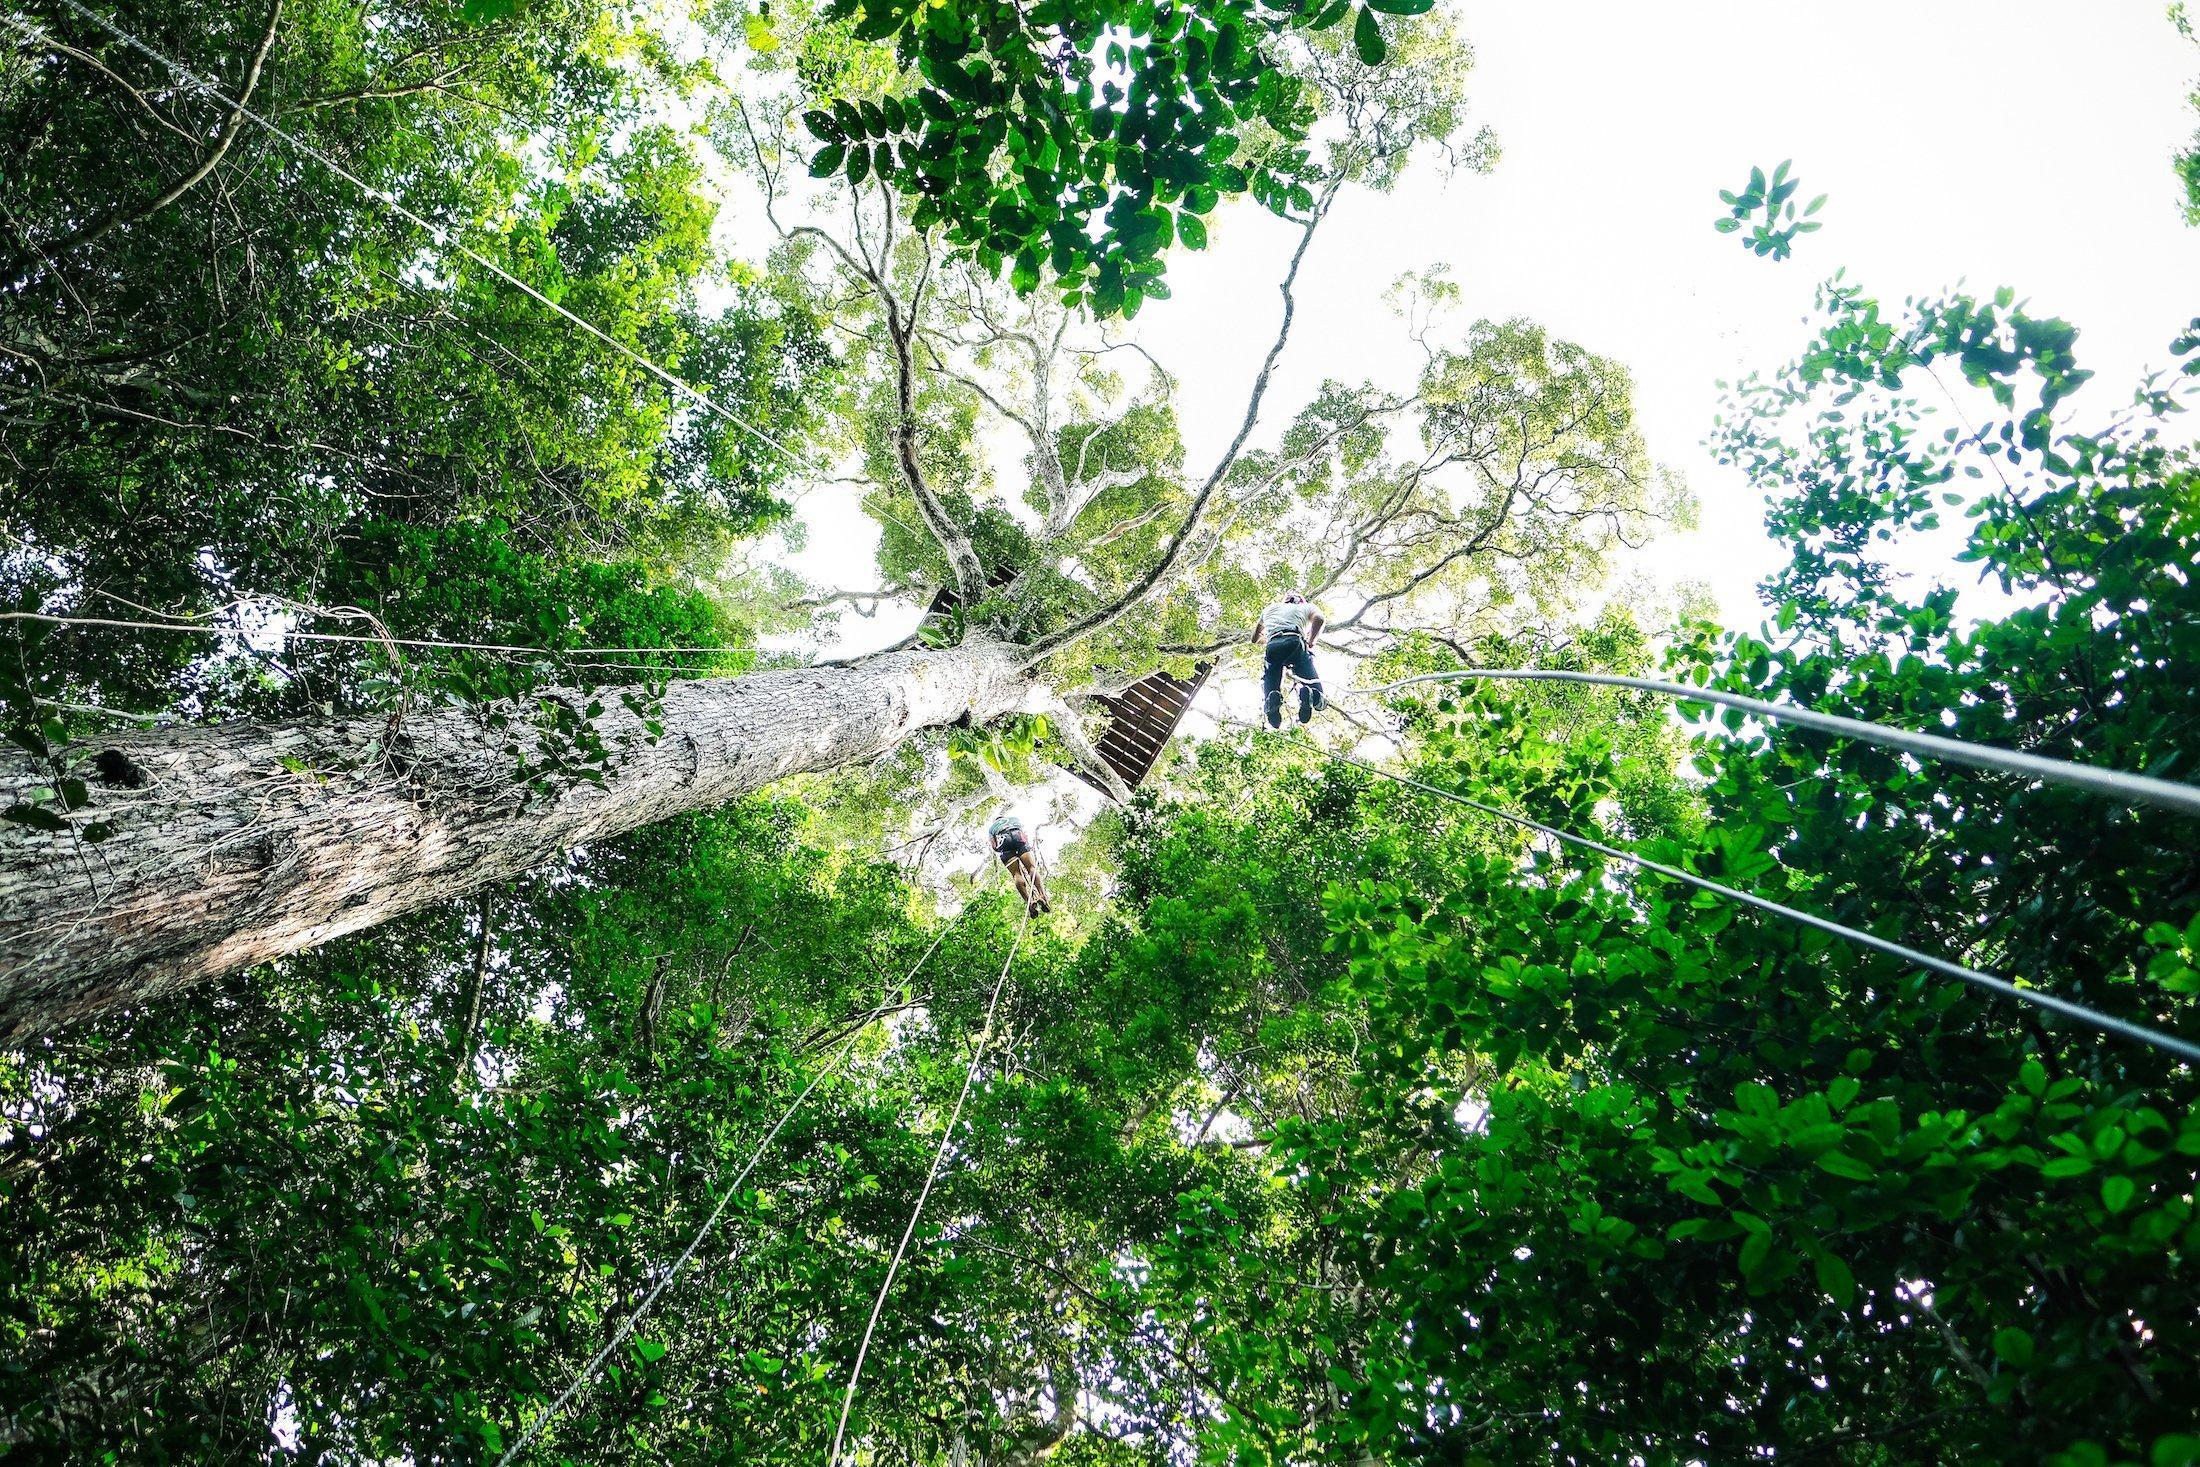 Das Bild stammt aus dem Amazonaswald und zeigt das Kronendach von unten. Auf einem der Bäume ist eine Holzplattform, von der sich zwei Menschen abseilen.